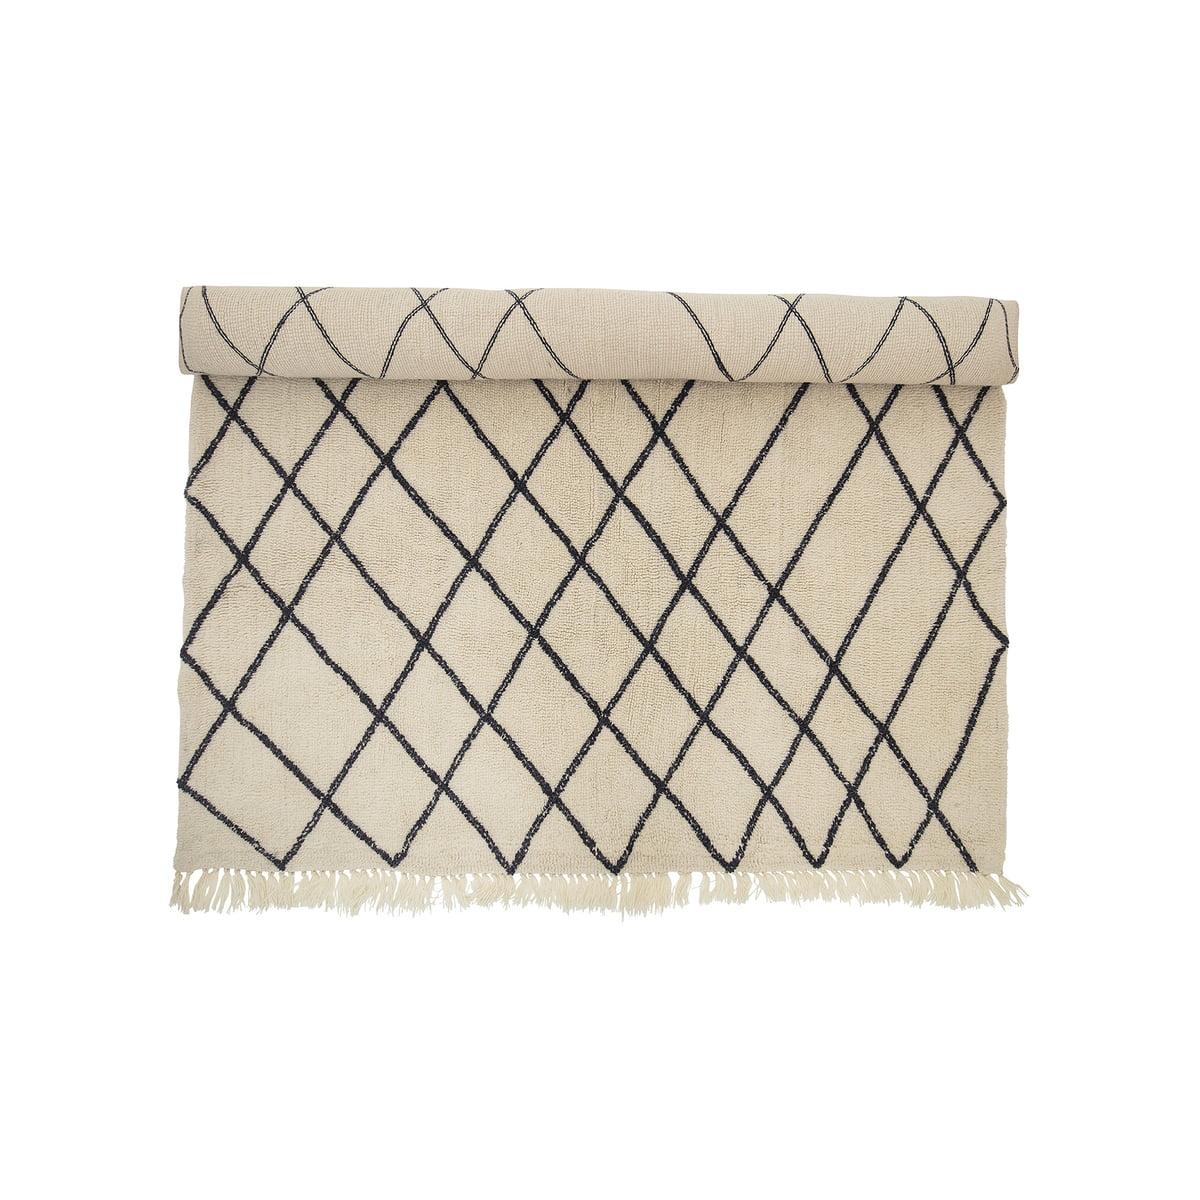 Bloomingville wollteppich 300 x 200 cm rautenmuster beige schwarz eingerollt